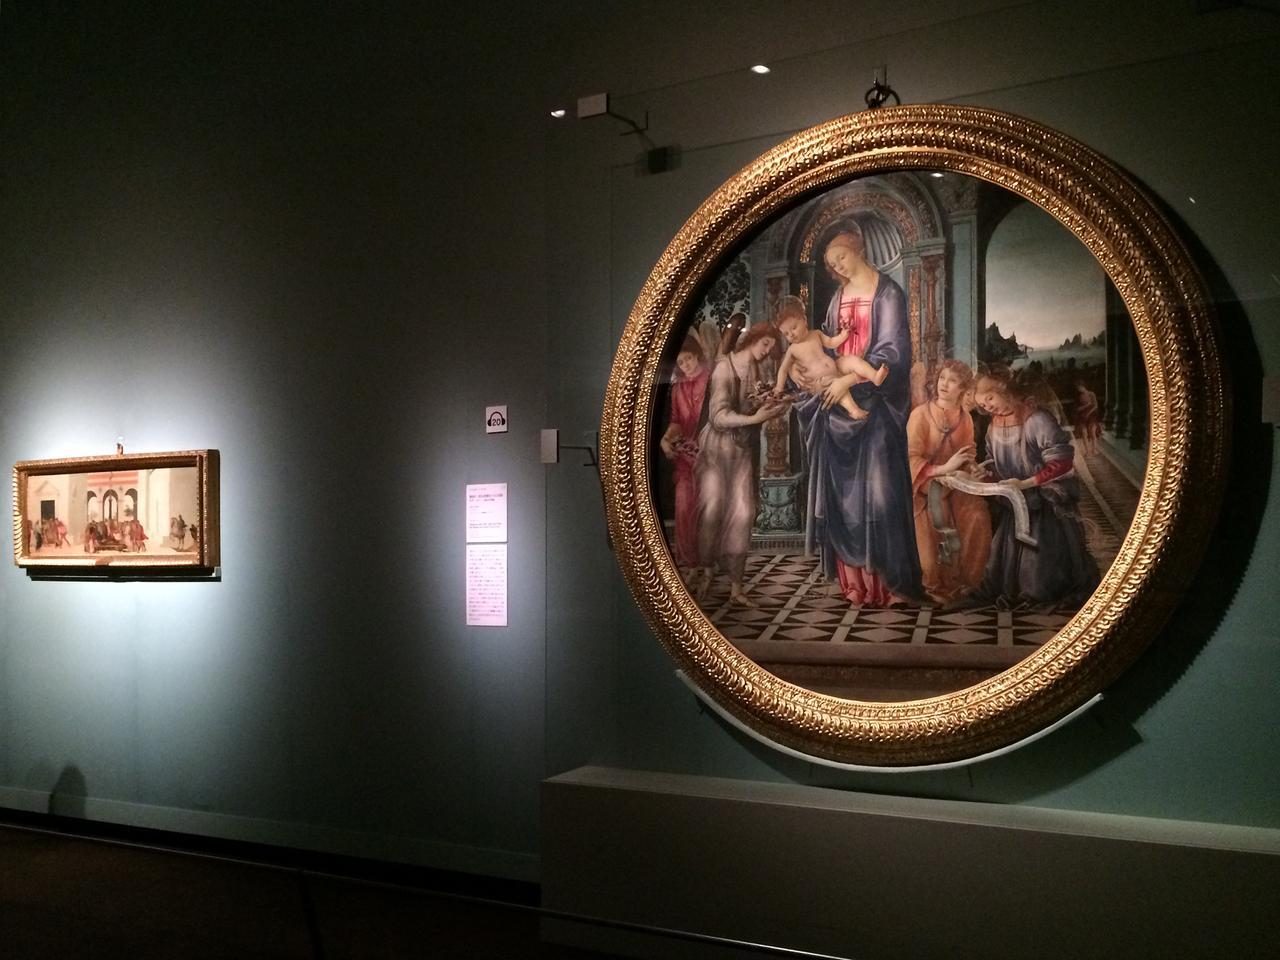 画像: 左:ルクレティアの物語 フィリッピーノ・リッピ 1478年頃 テンペラ/板 ©フィレンツェ、パラティーナ美術館 右:聖母子、洗礼者聖ヨハネと天使たち(コルシーニ家の円形画) フィリッピーノ・リッピ 1481-82年頃 テンペラ/板 ©フィレンツェ、フィレンツェ貯蓄銀行コレクション